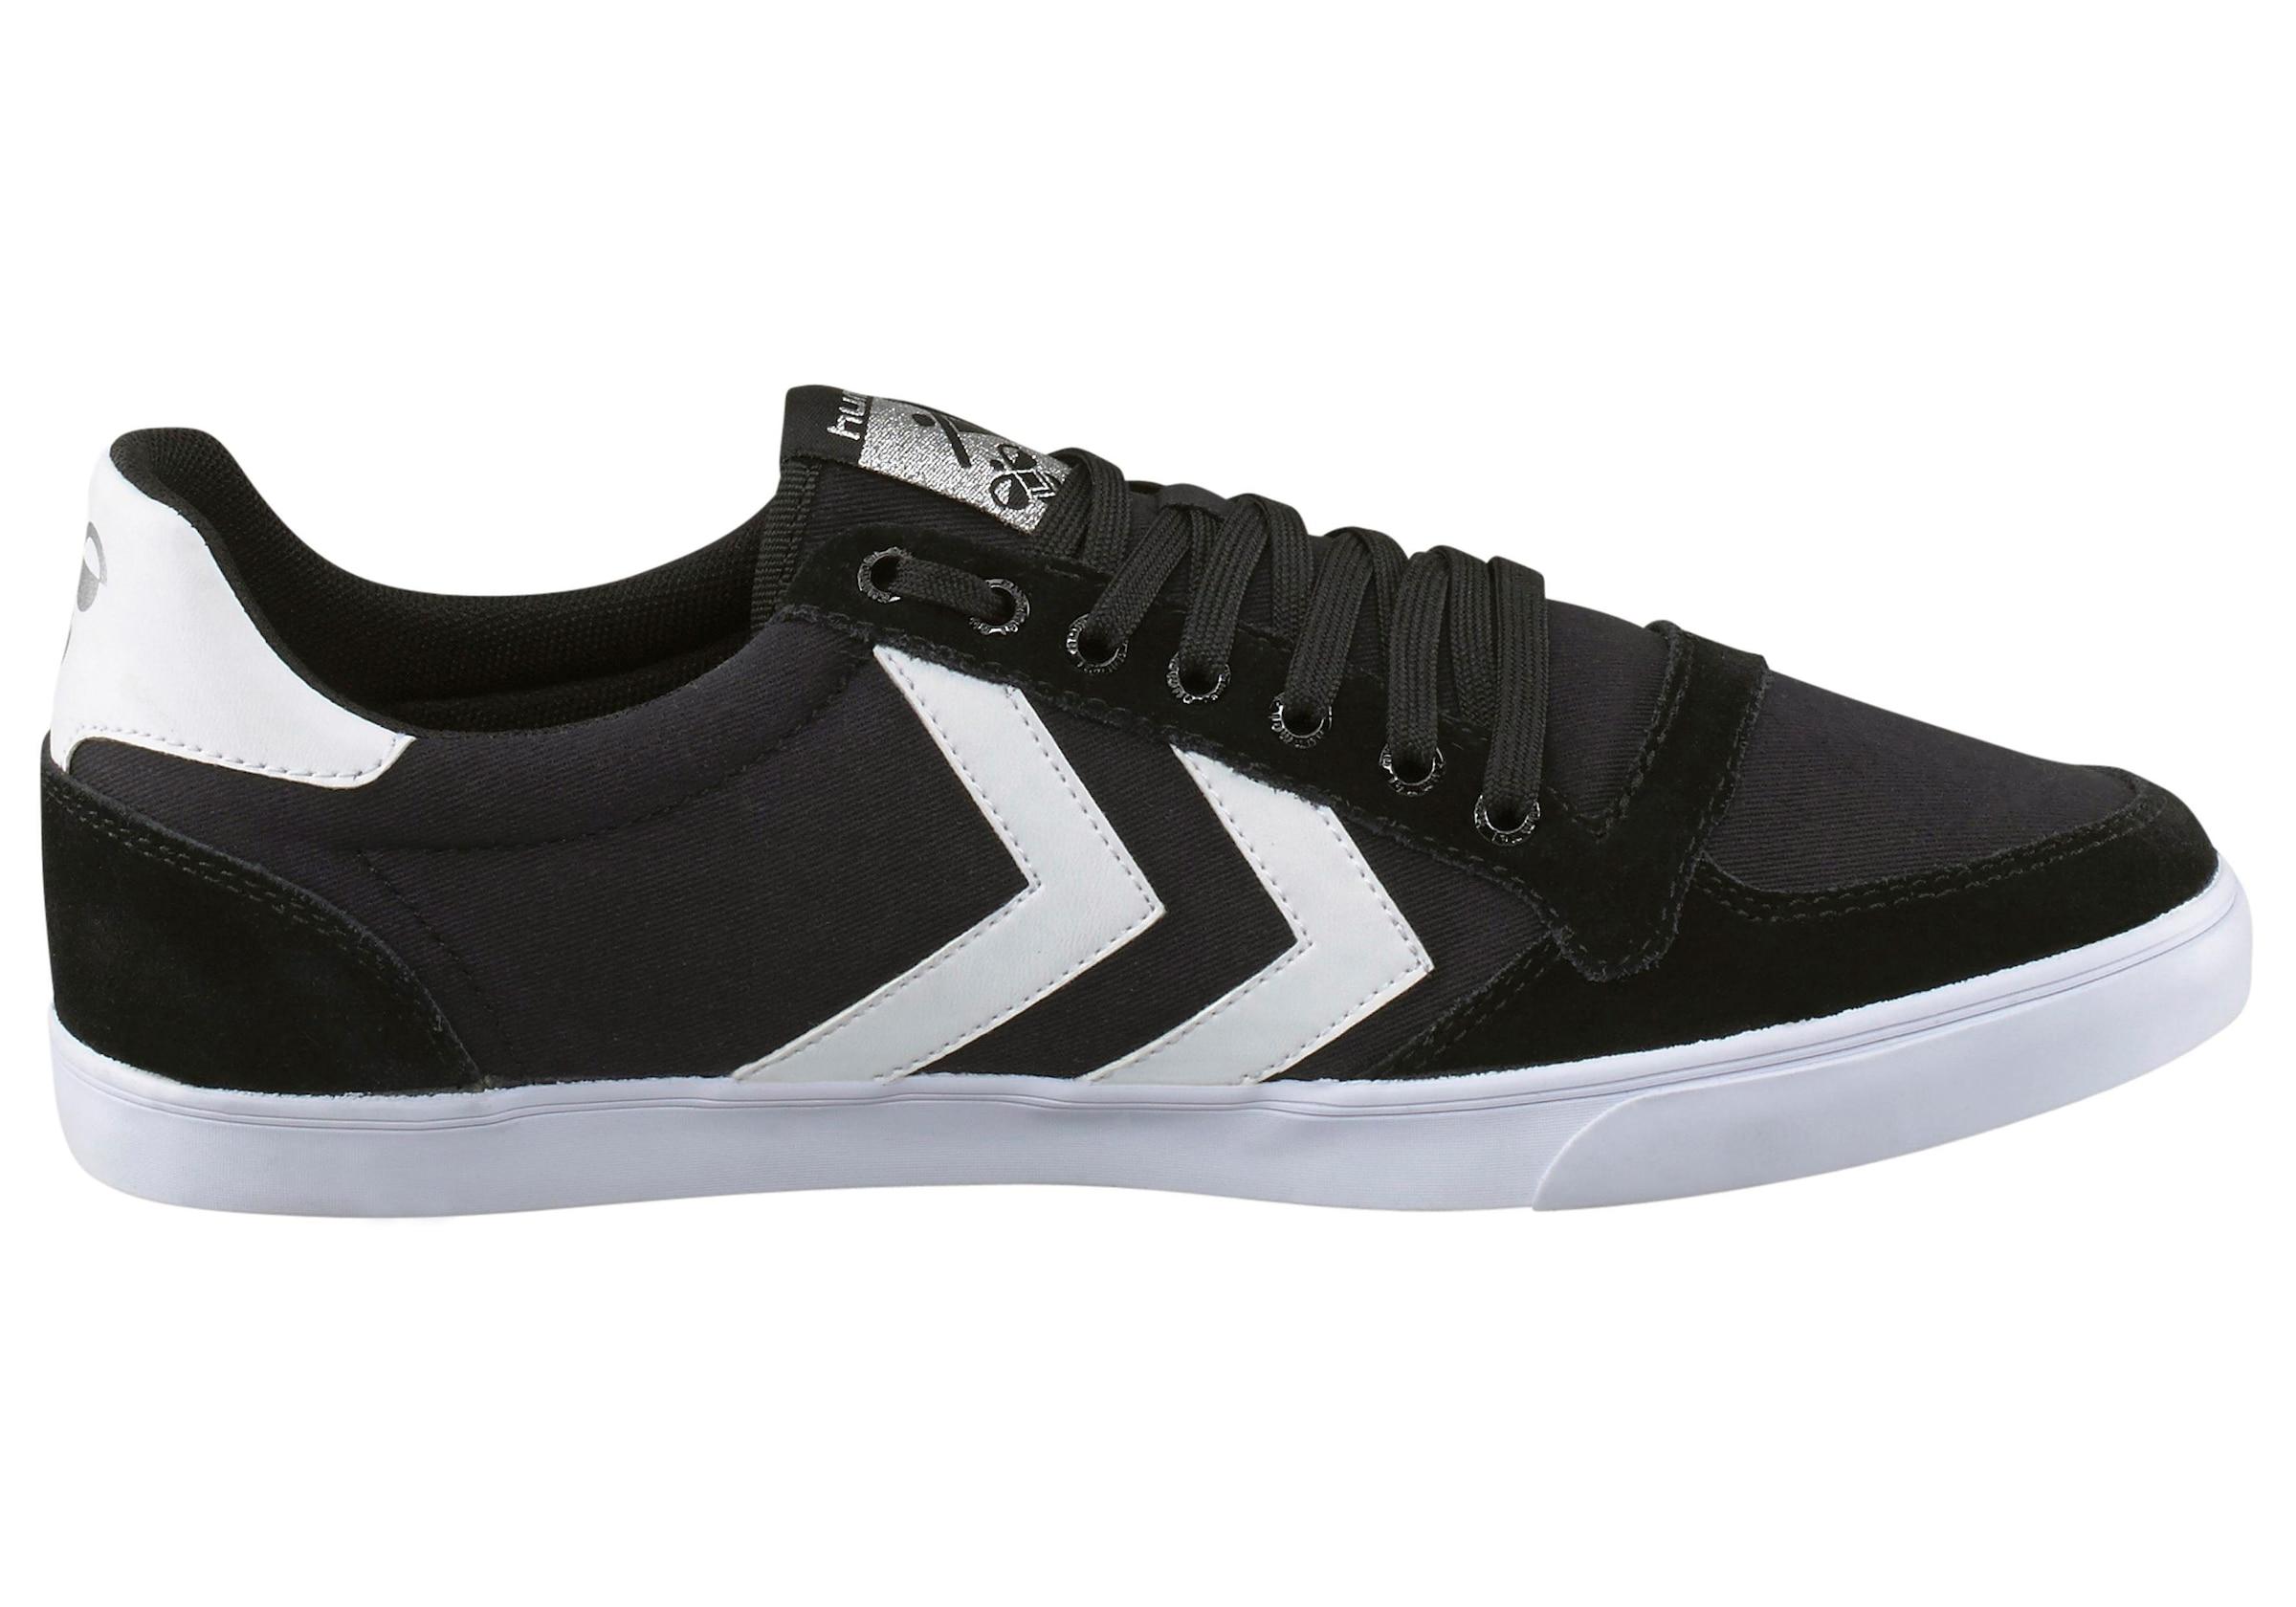 Hummel Sneaker »Slimmer Stadil Canvas Niedrig« jetzt online kaufen | Preis-Leistungs-Verhältnis, Gutes Preis-Leistungs-Verhältnis, | es lohnt sich b44293